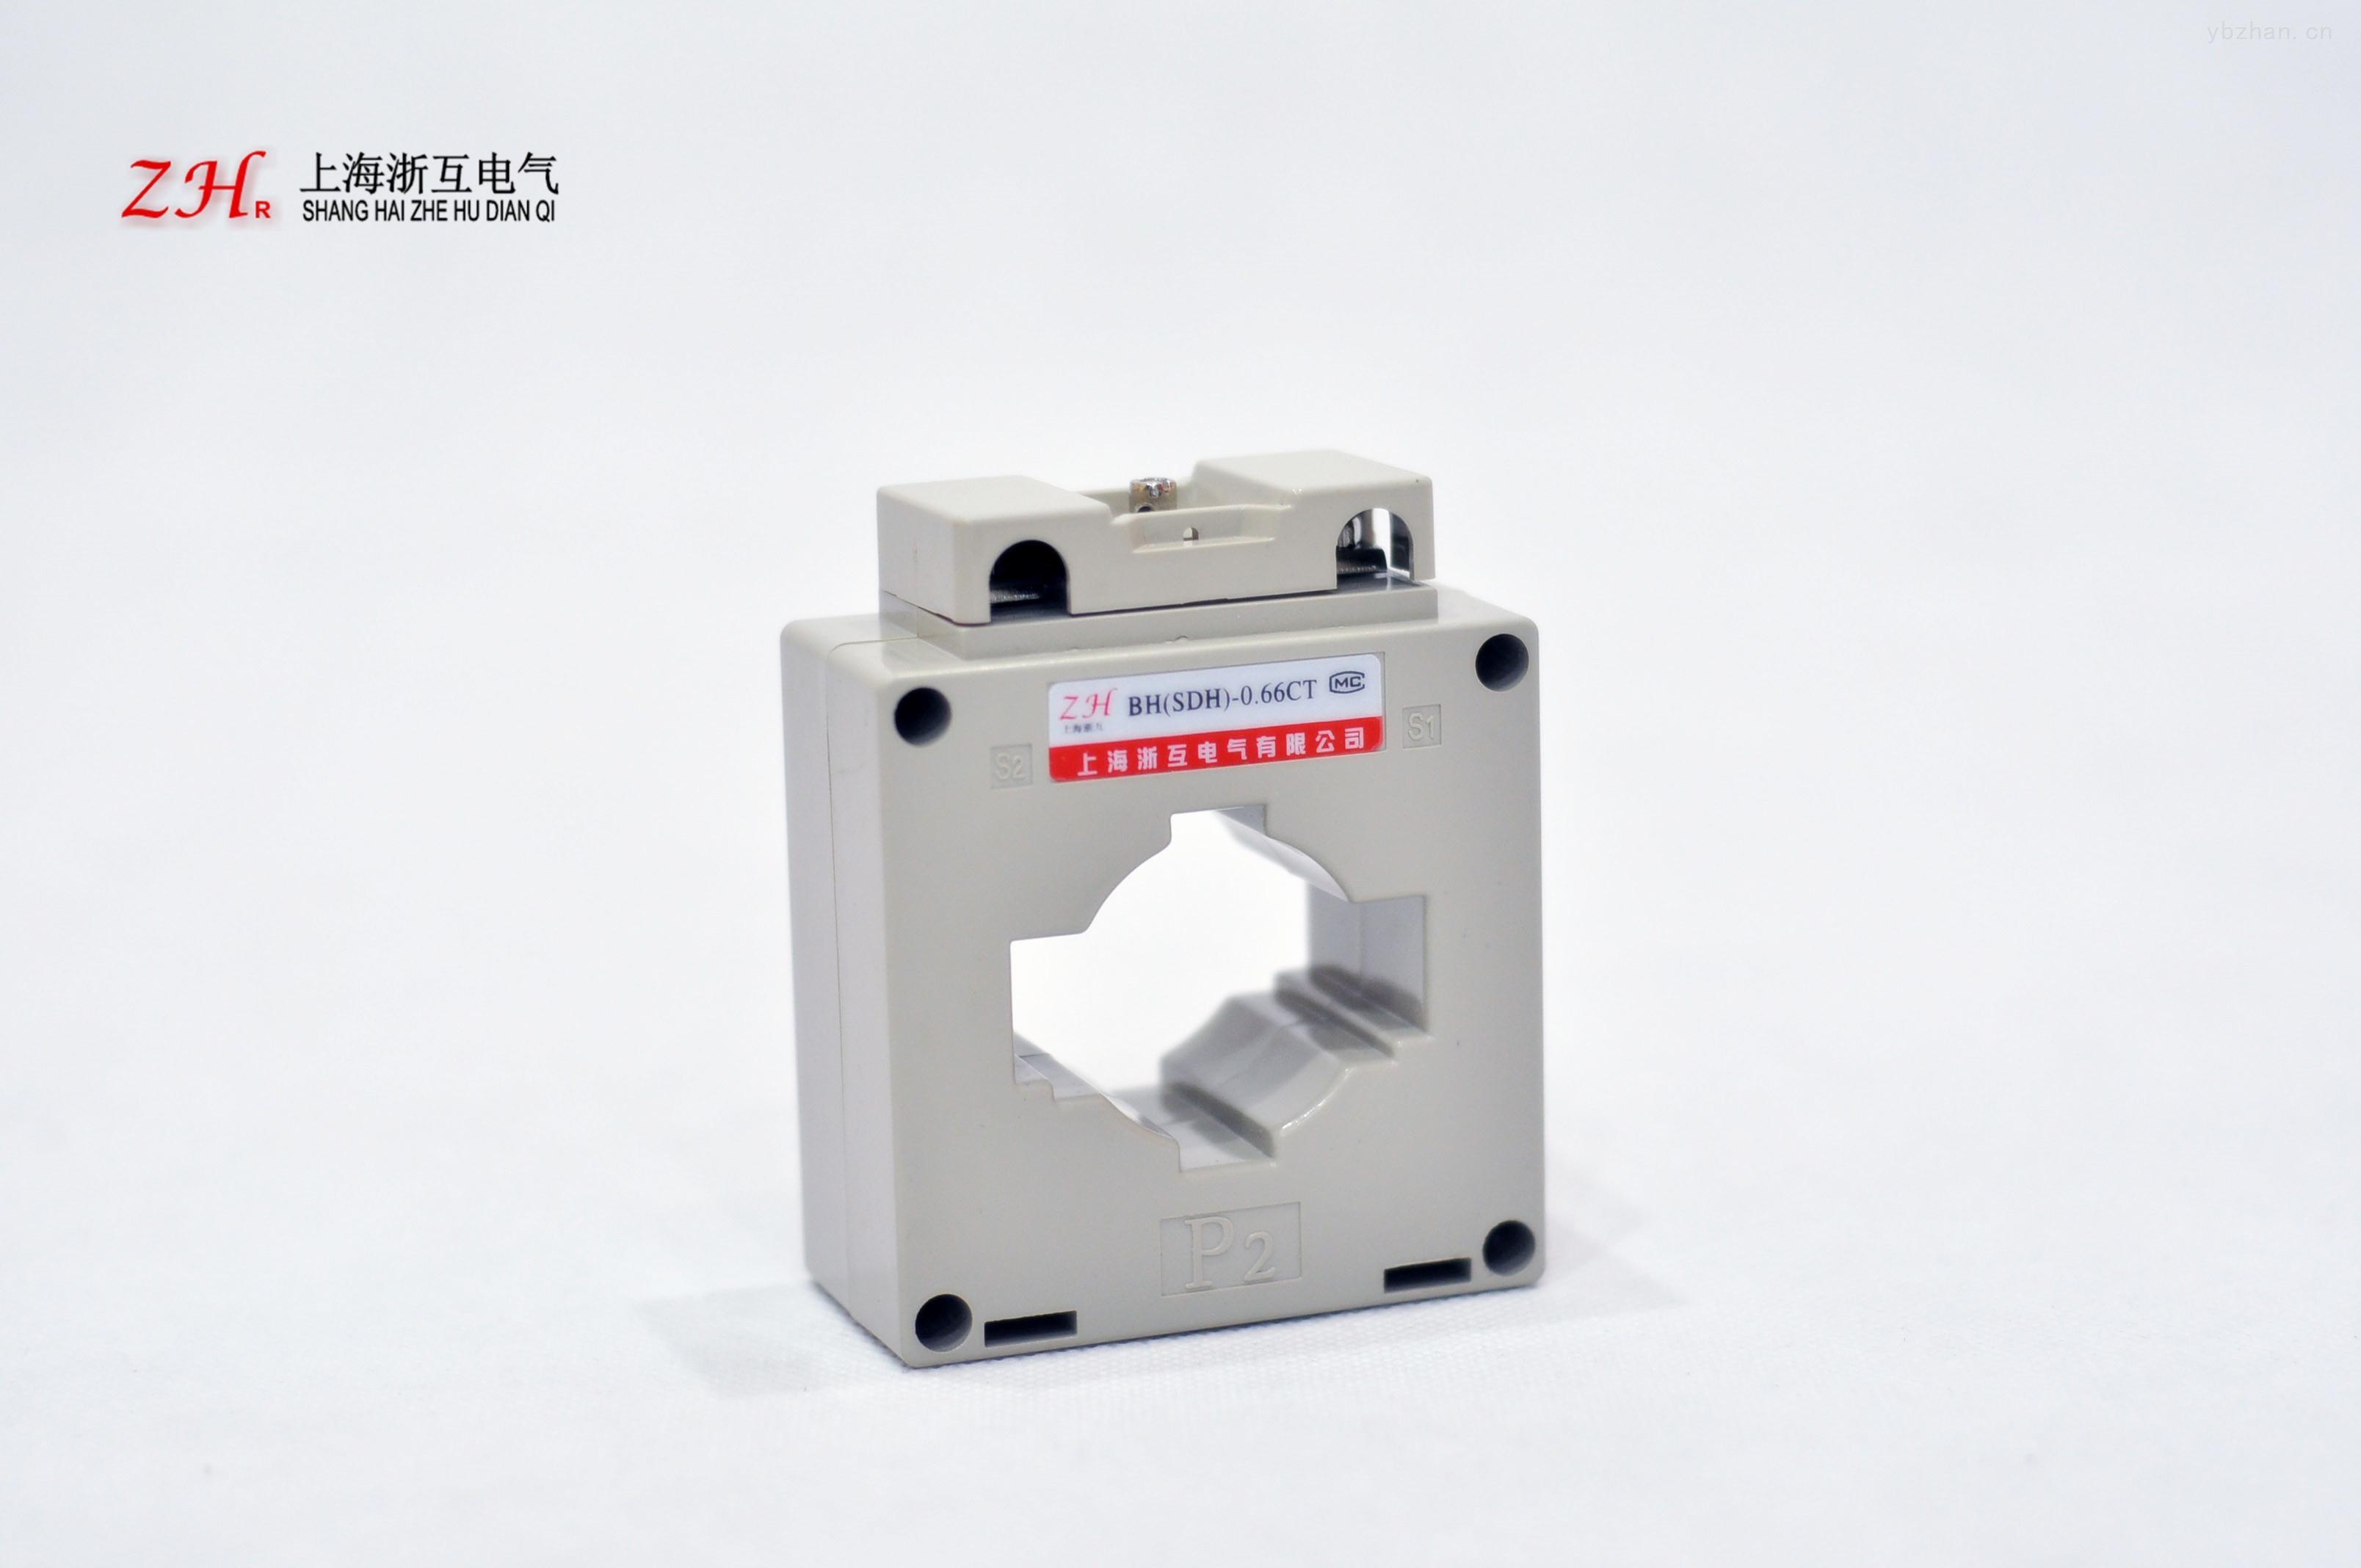 产品为塑壳式电流互感器,广泛应用于成套柜体,其安装方法可采用母排固